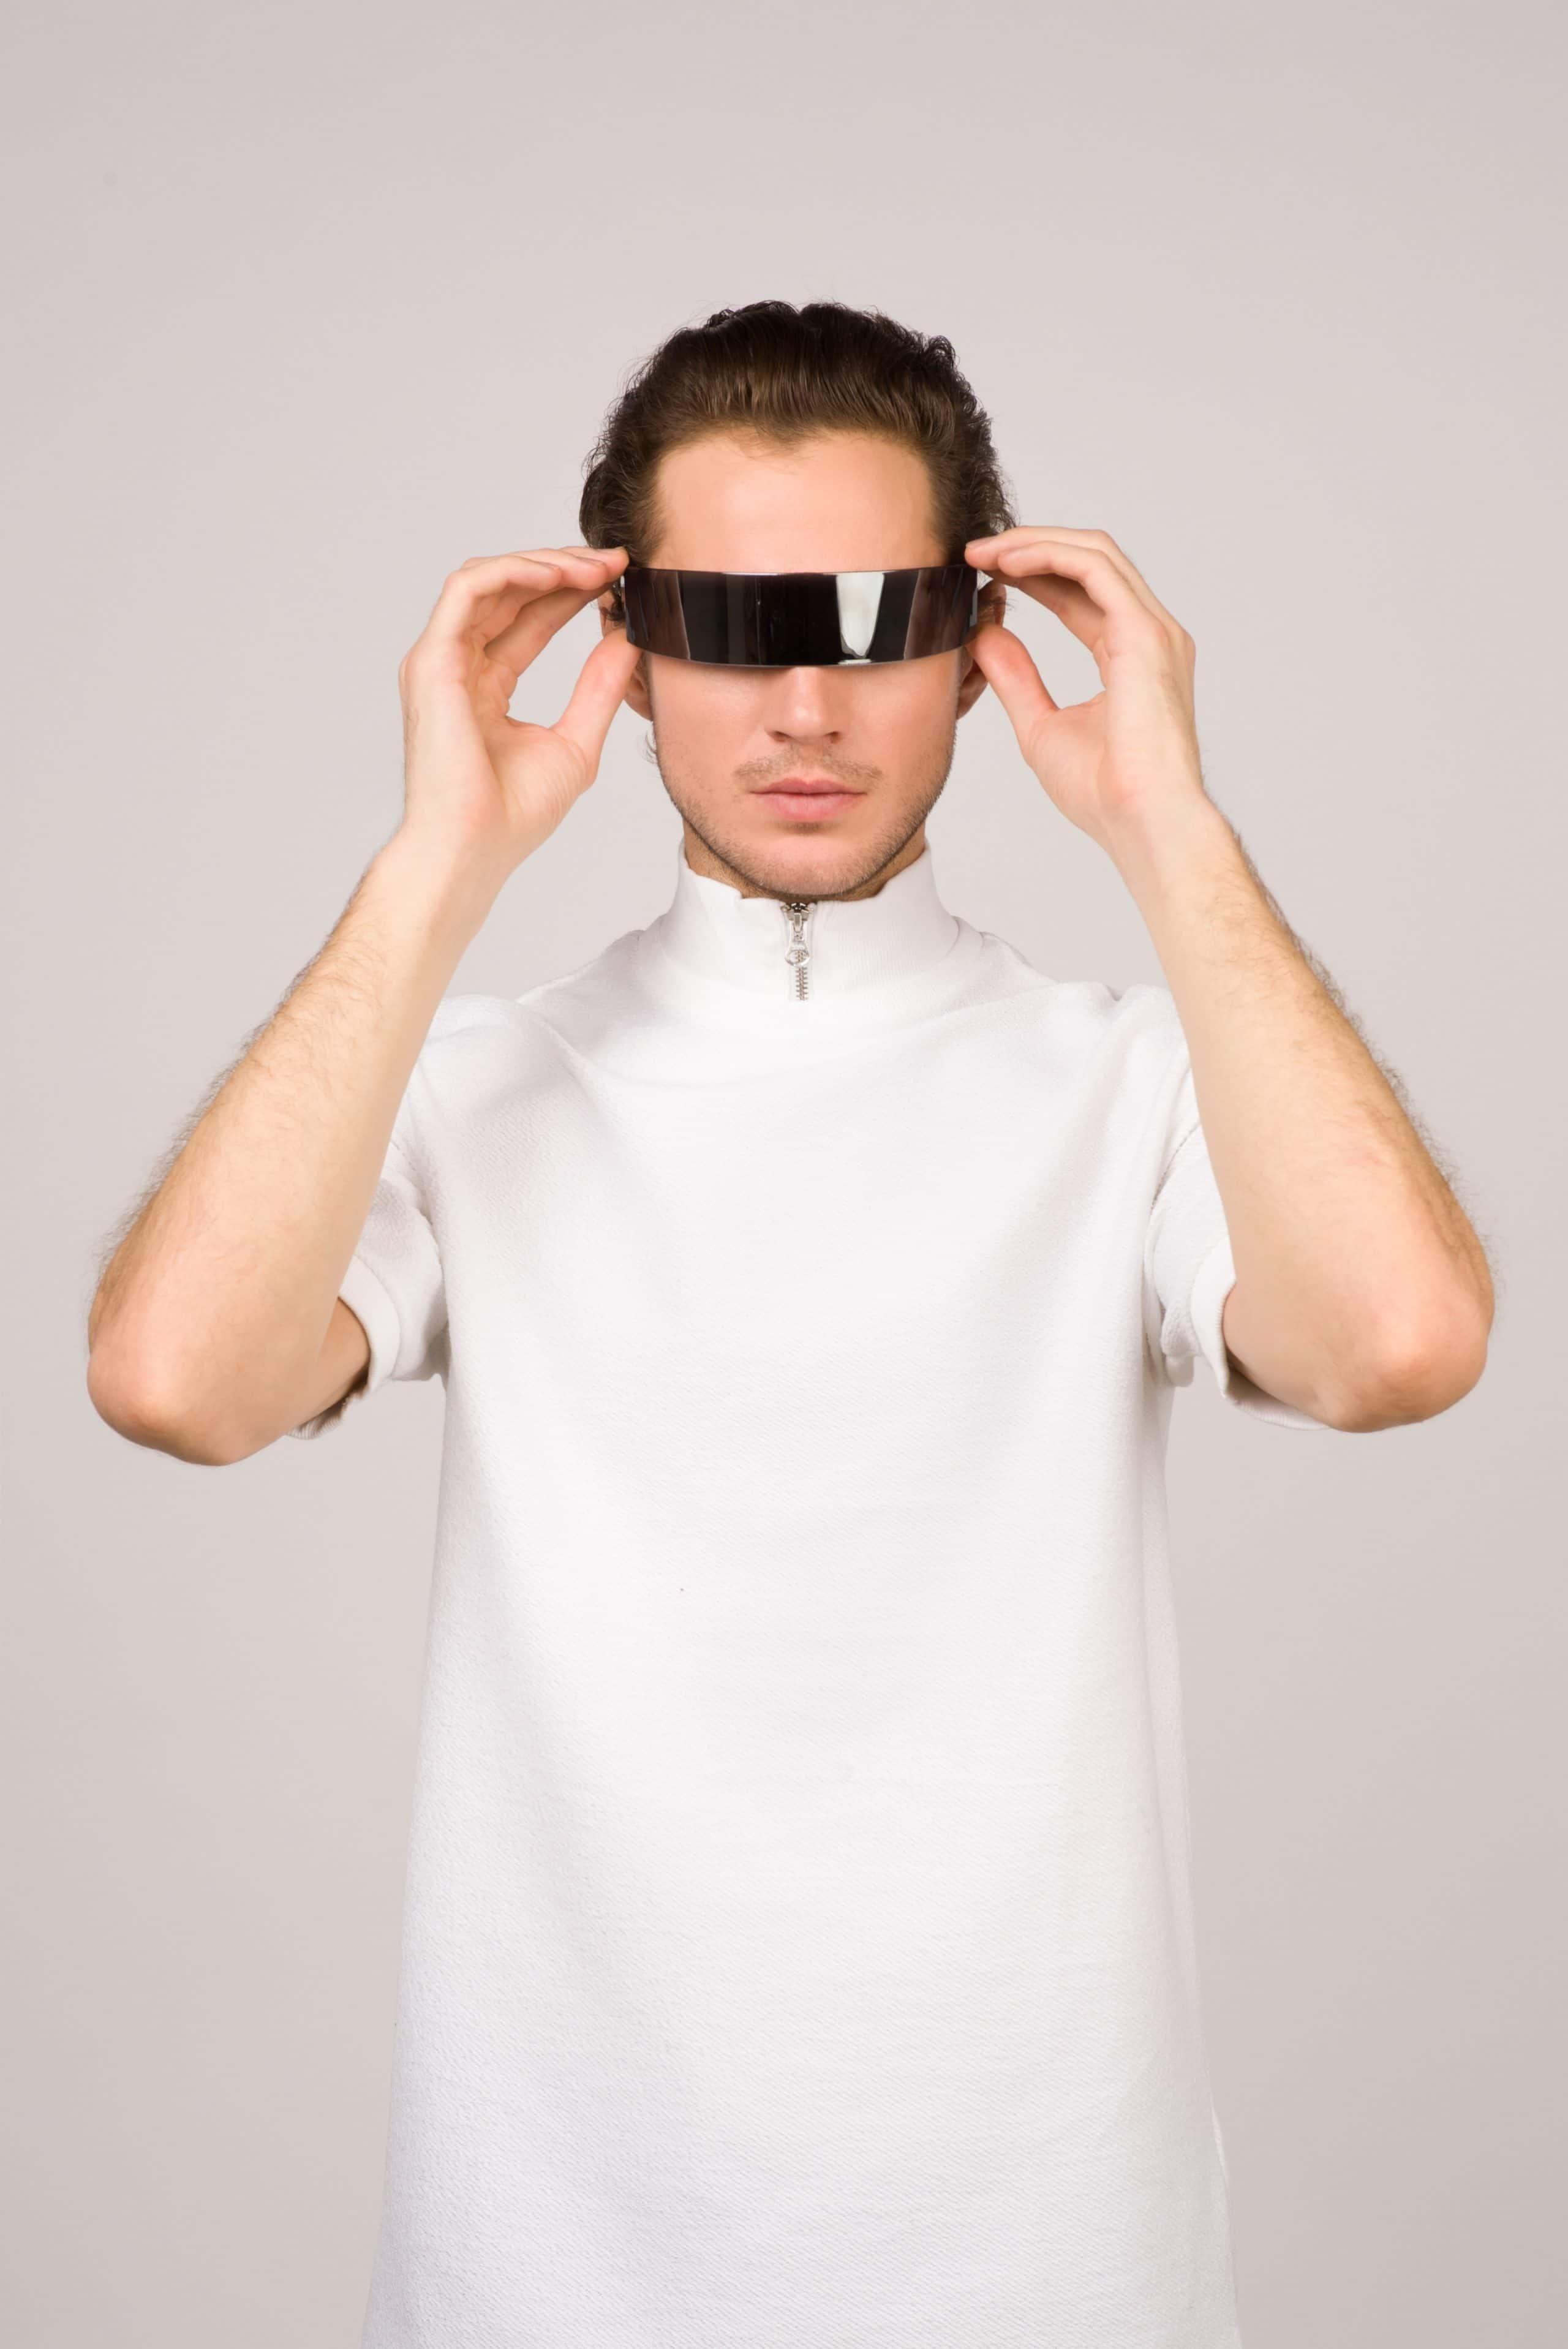 Homem com roupa branca e óculos futurista.